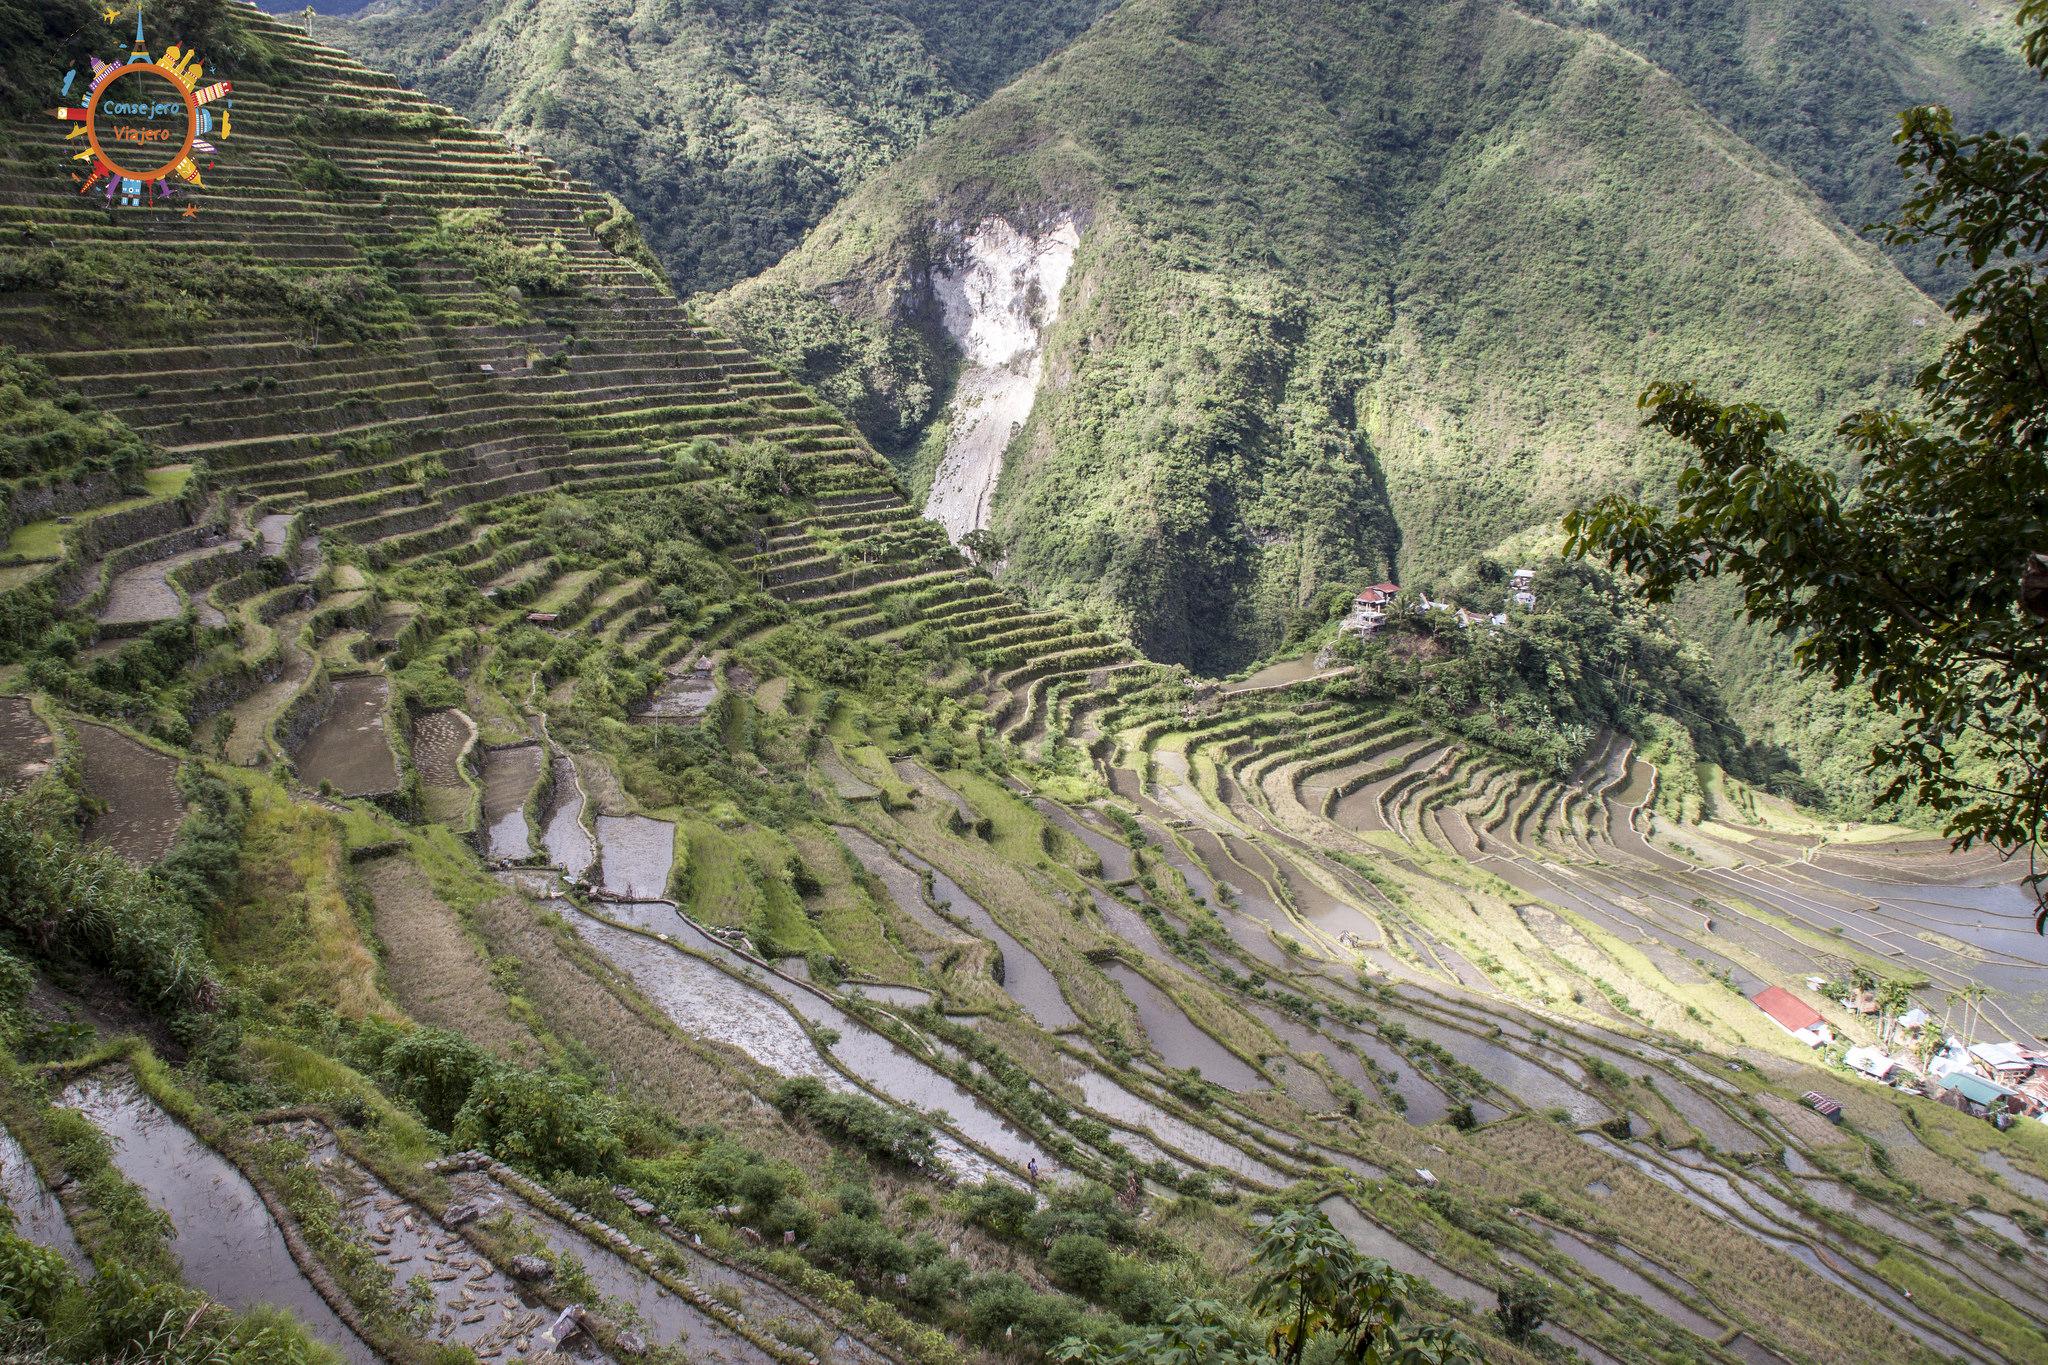 banaue rice fields